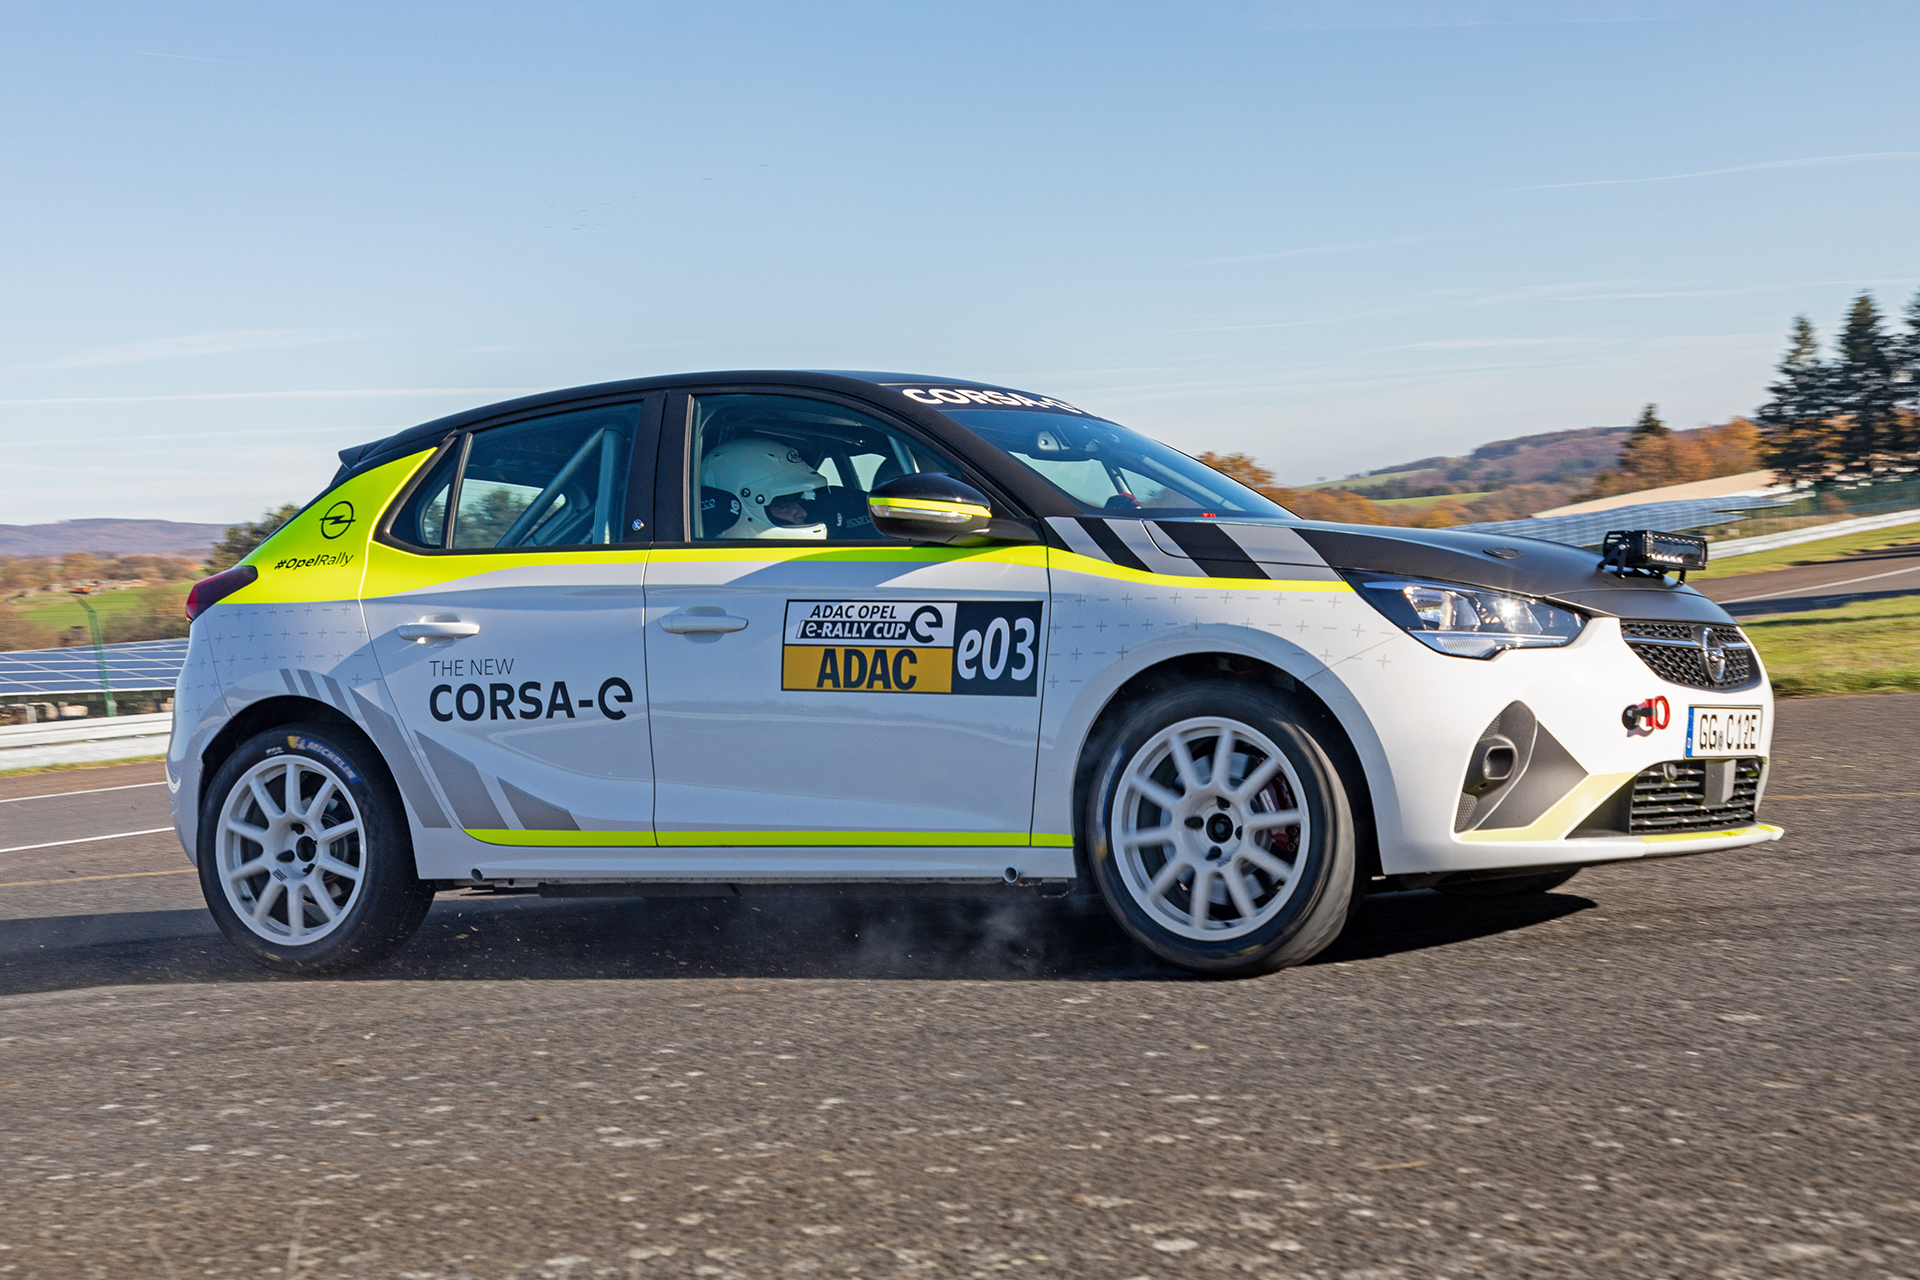 El Corsa-e Rally competirá en la ADAC Cup alemana durante el próximo año.